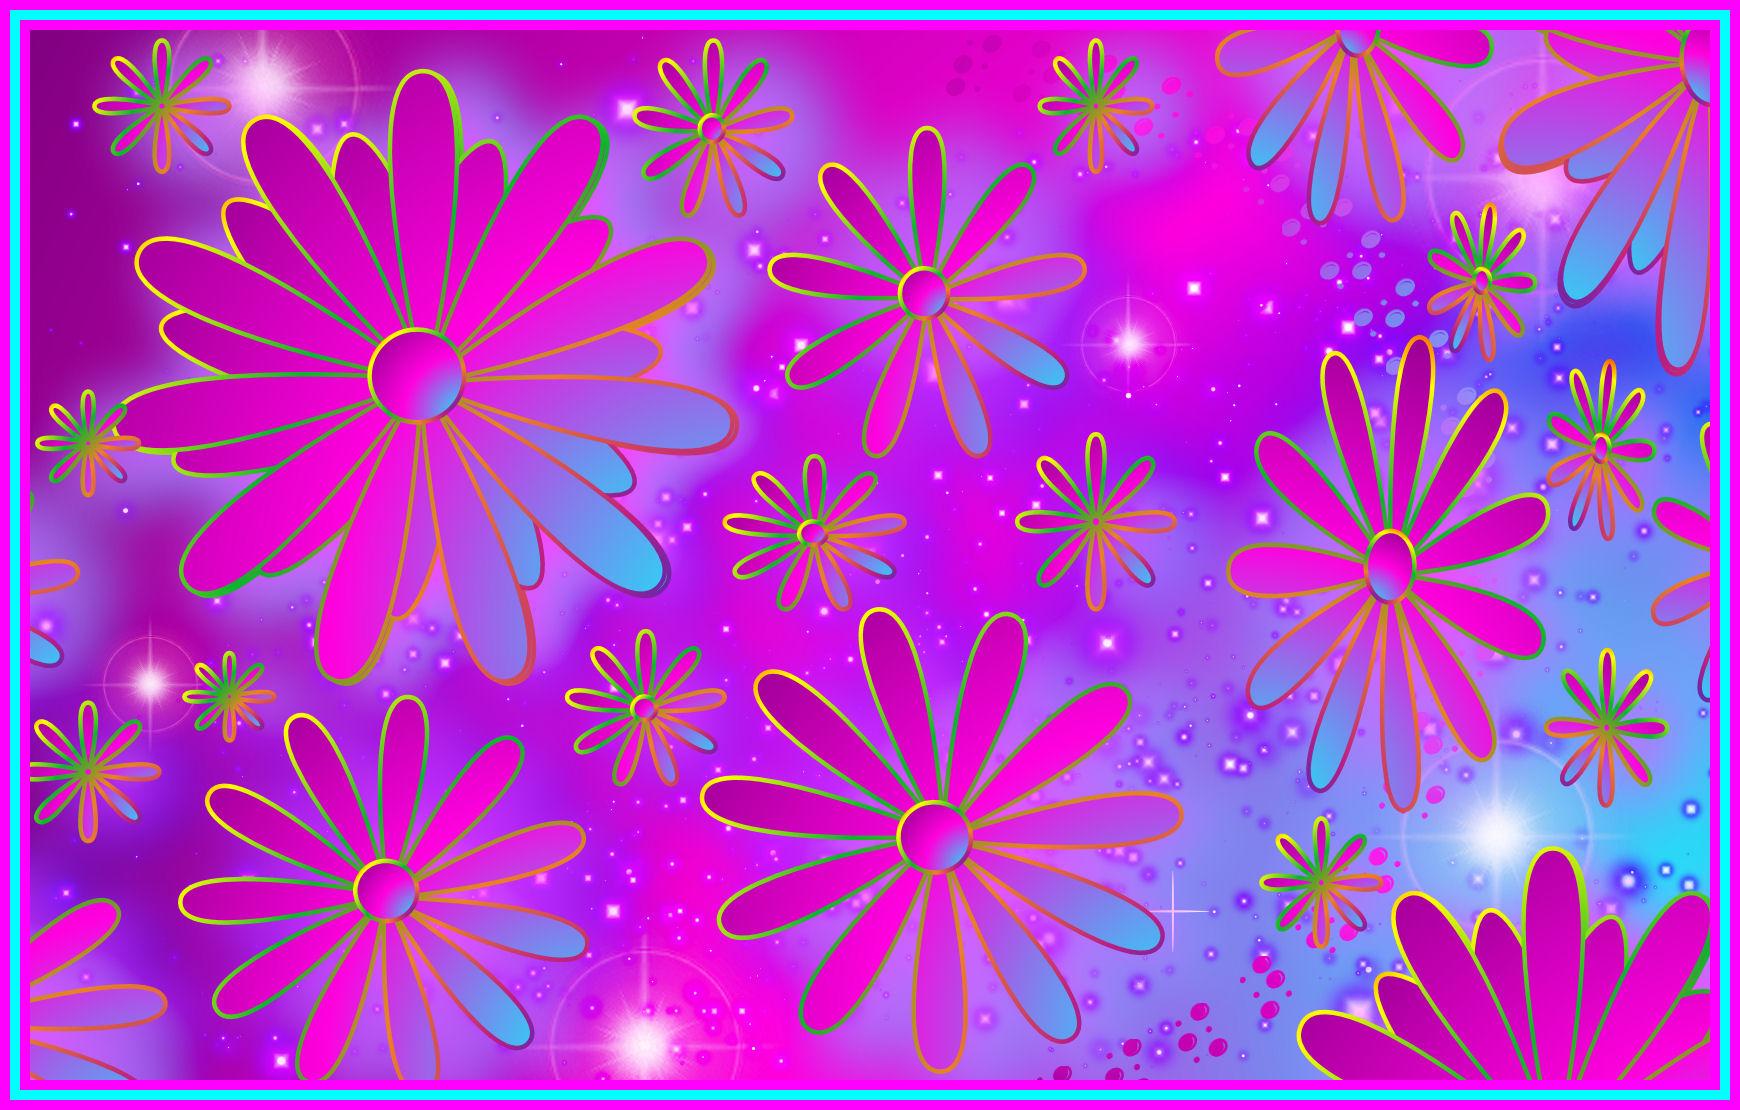 http://fc02.deviantart.net/fs36/f/2008/253/e/7/Sookie_Flower_Wallpaper_2_by_sookiesooker.jpg